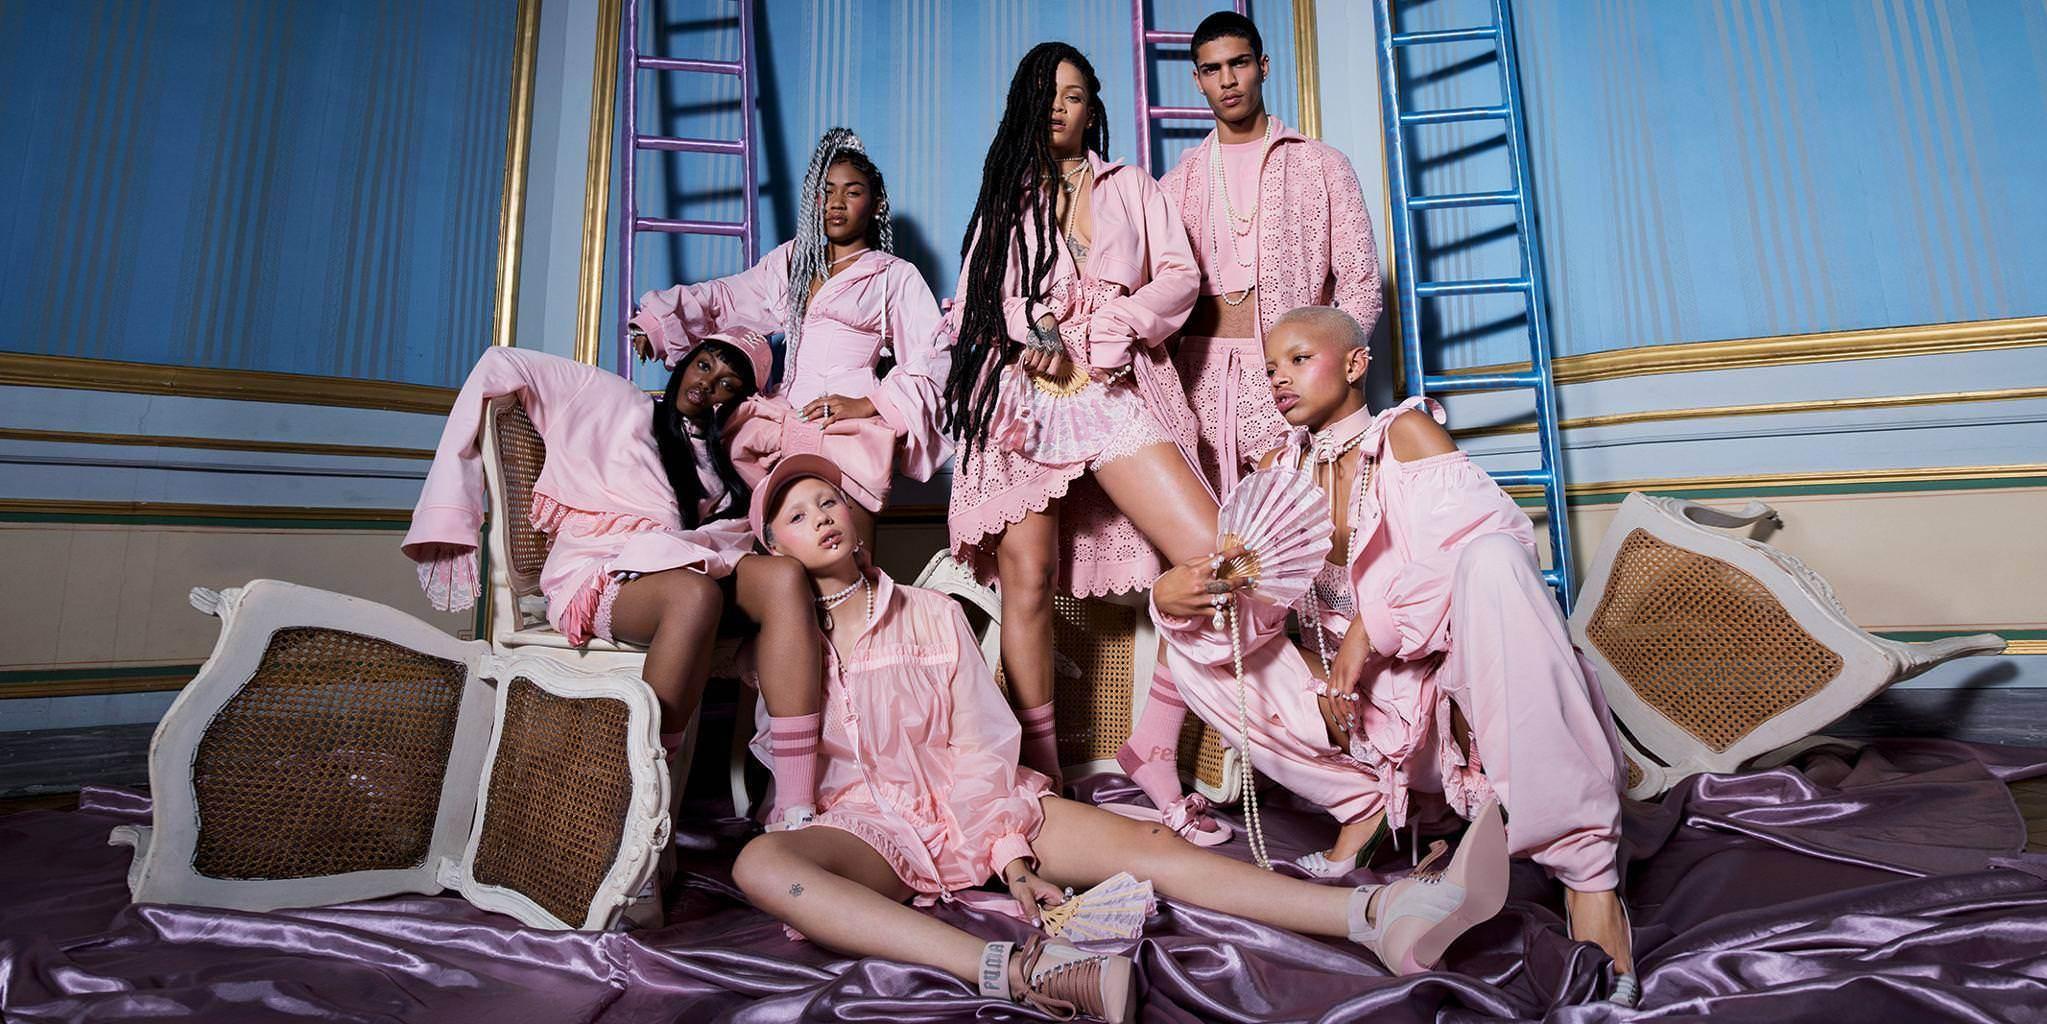 Tiếp đến là lookbook Xuân Hè 2017 của Fenty x Puma hợp tác cùng Rihanna.